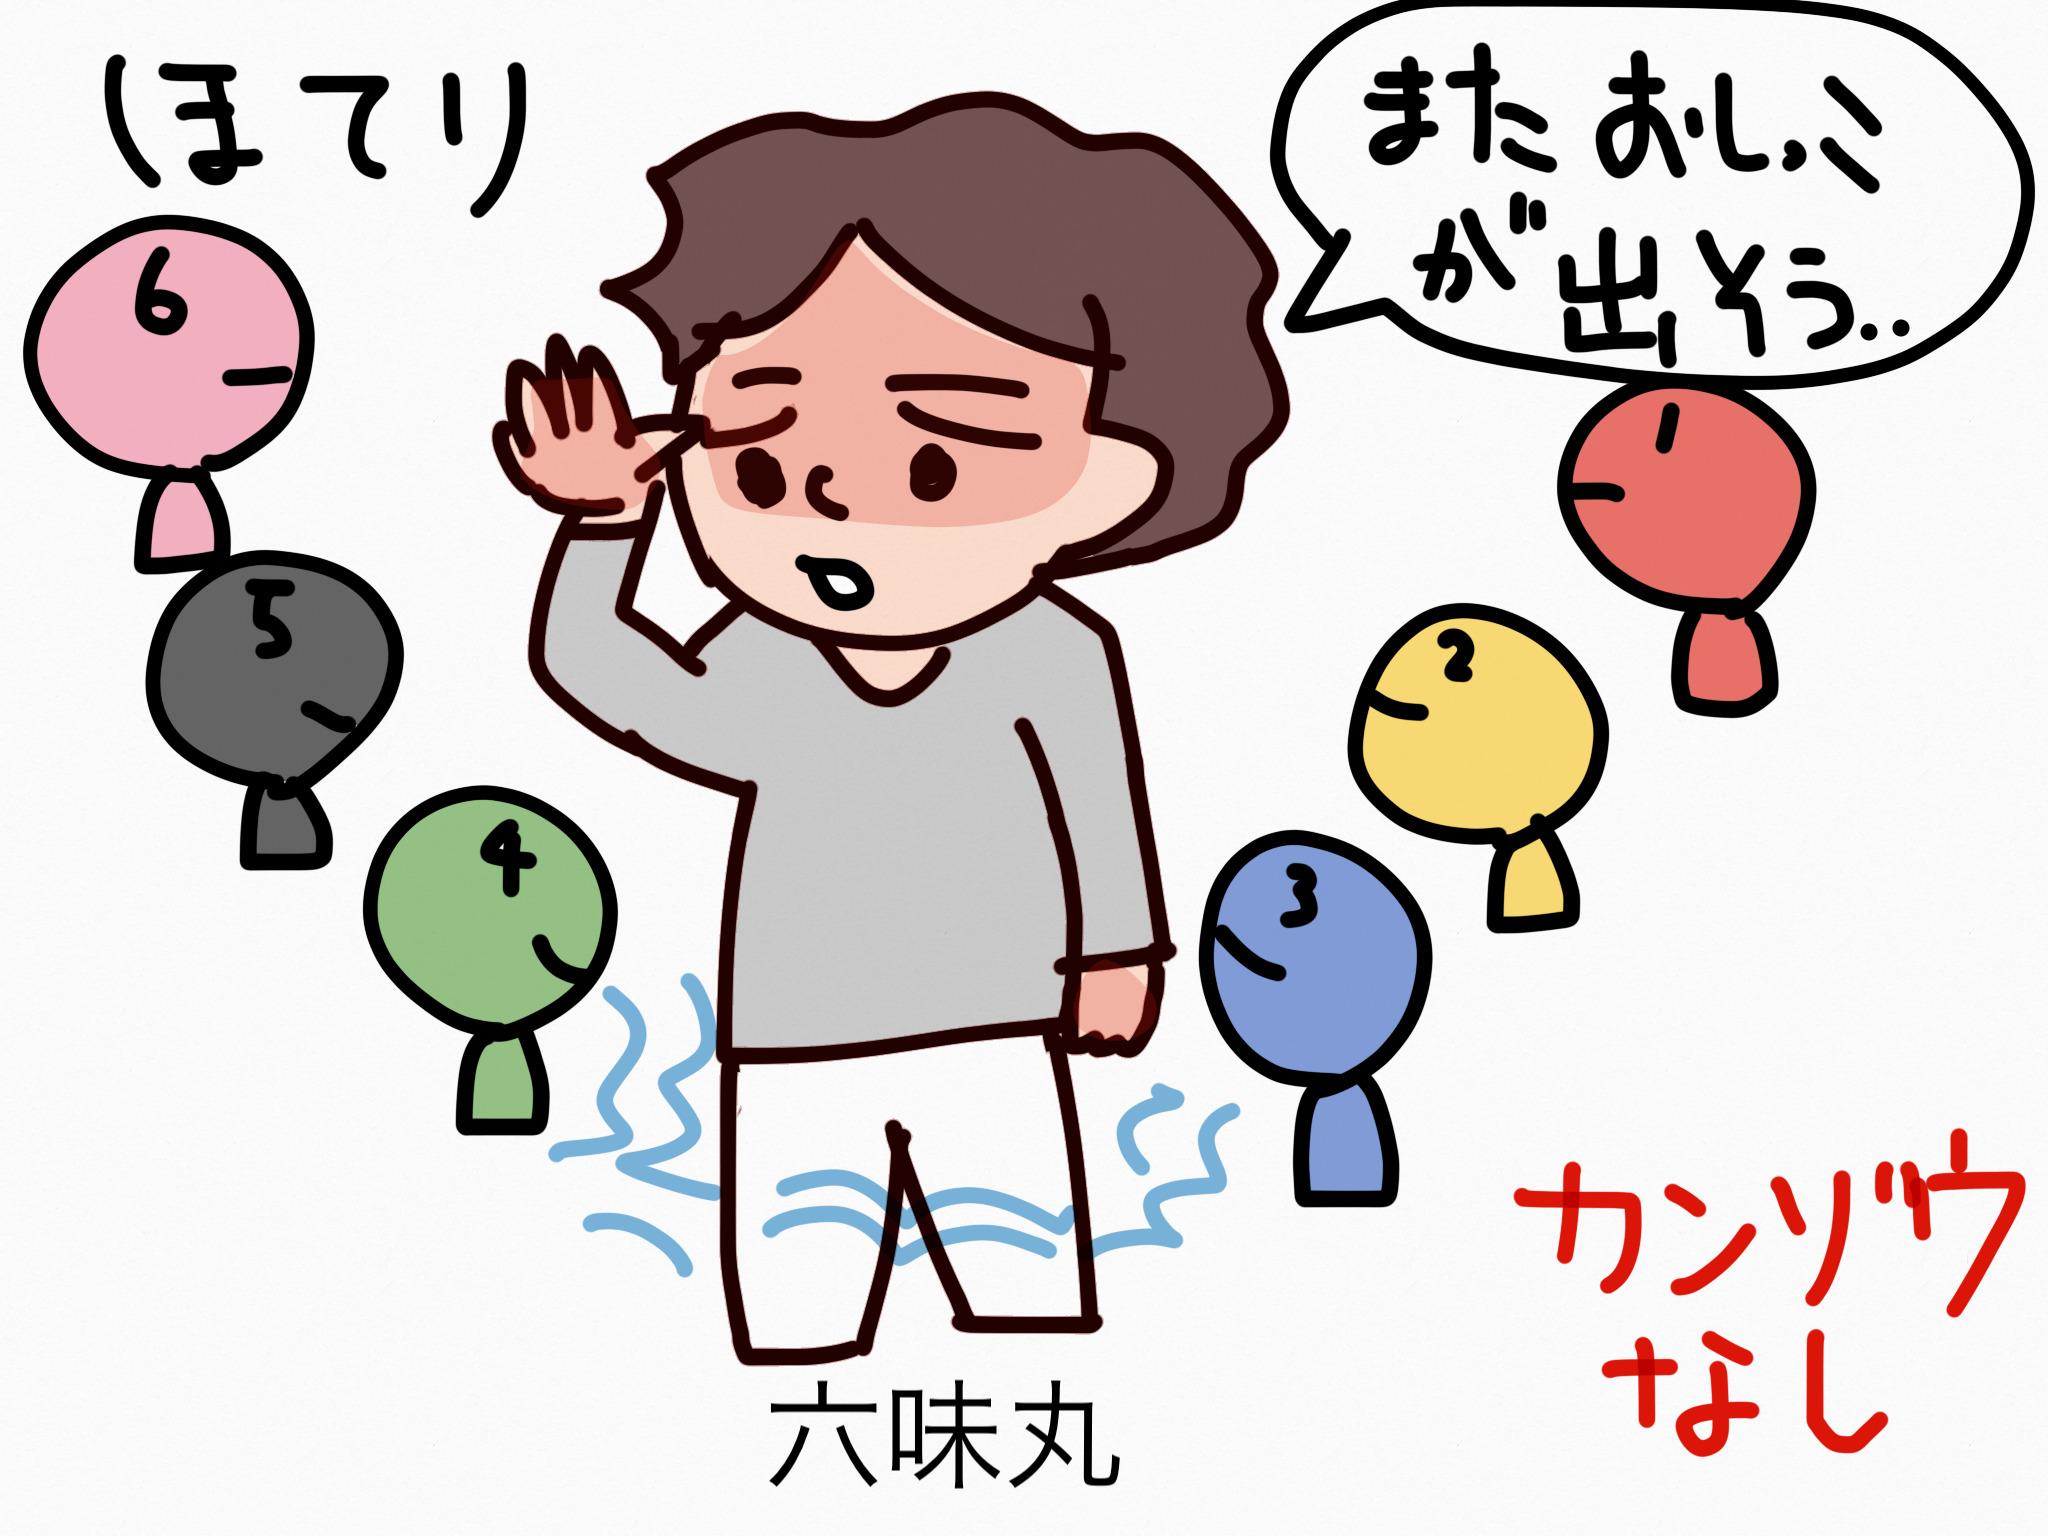 六味丸(ろくみがん)[排尿異常]【漢方の覚え方】